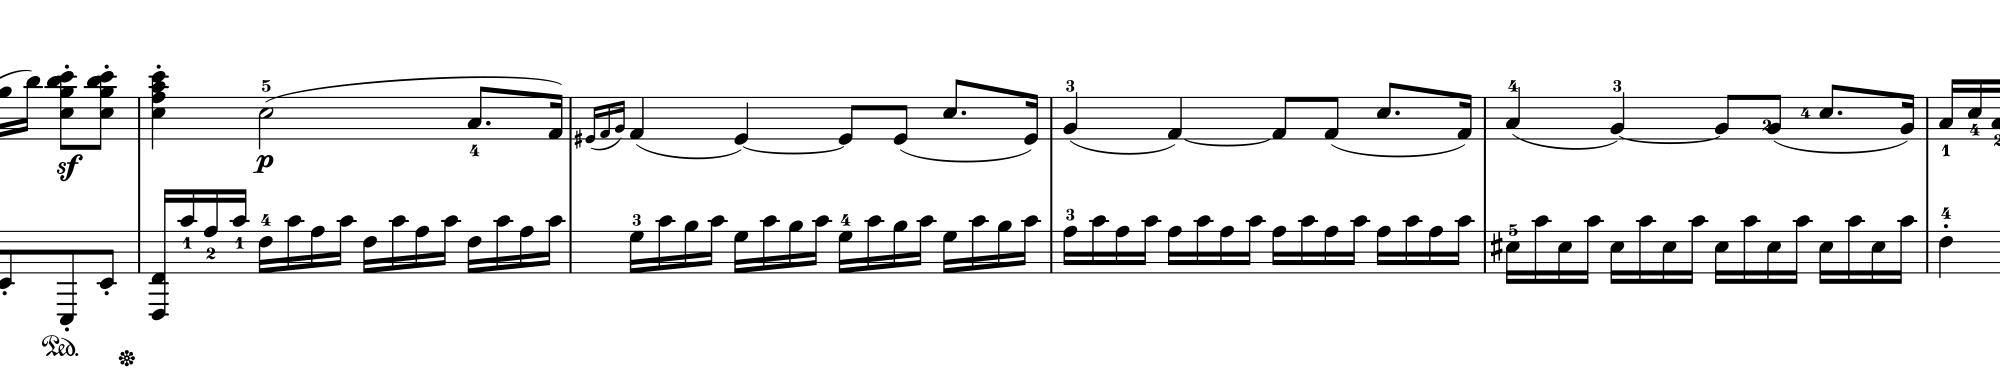 Part_15_150